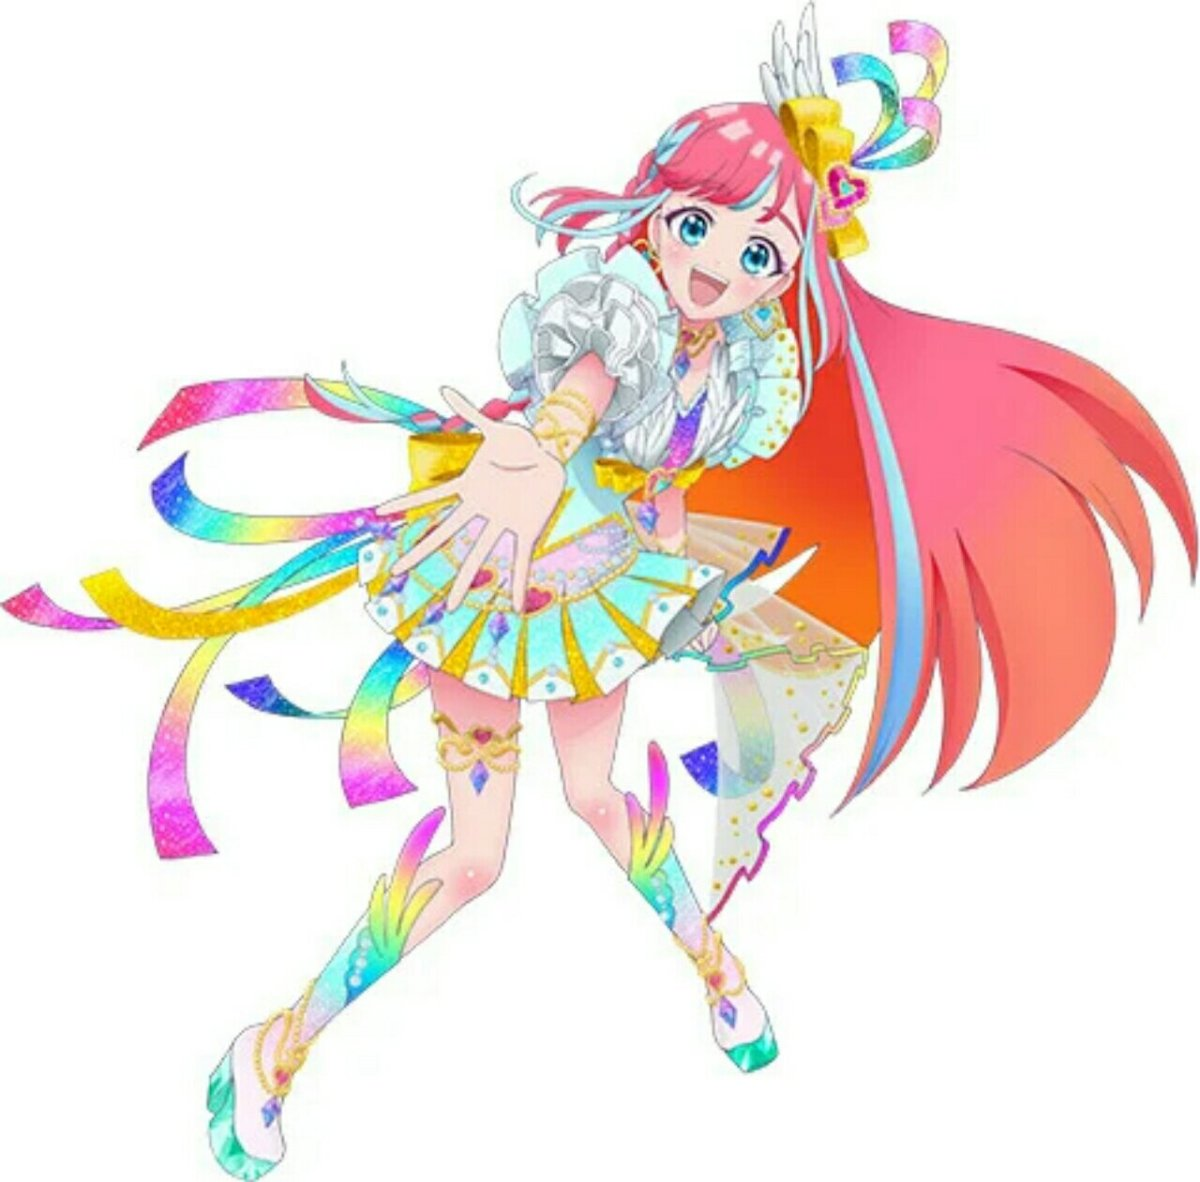 Waralaba Pretty Series Menandai Ulang Tahun Ke-10-nya dengan Anime TV Waccha PriMagi! 2